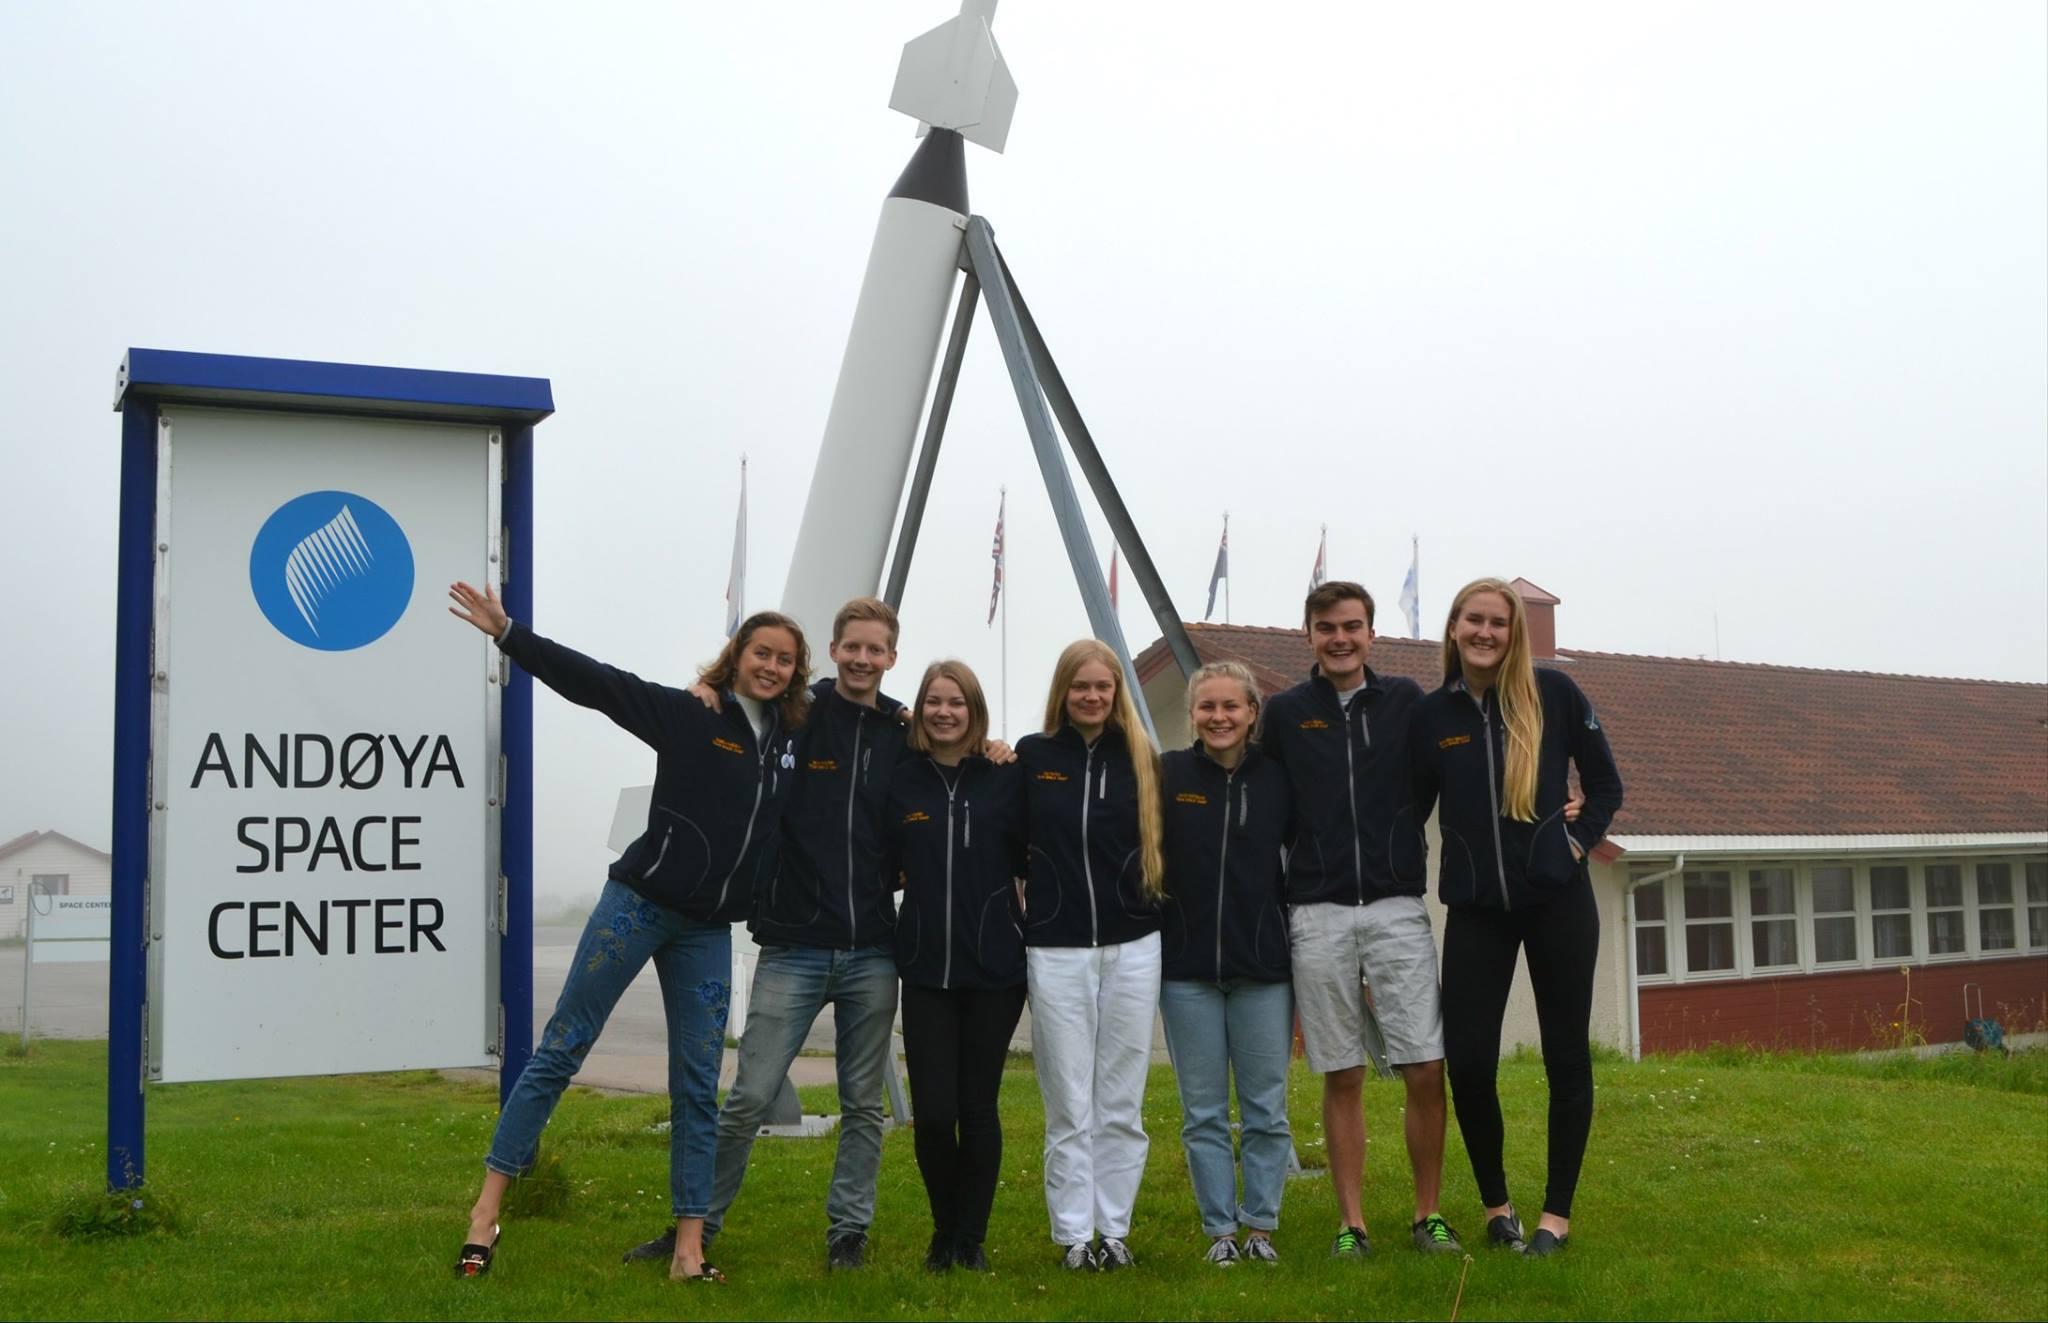 European Space Camp är ett internationellt rymdteknikläger på rymdbasen Andöya space Center i Norge.